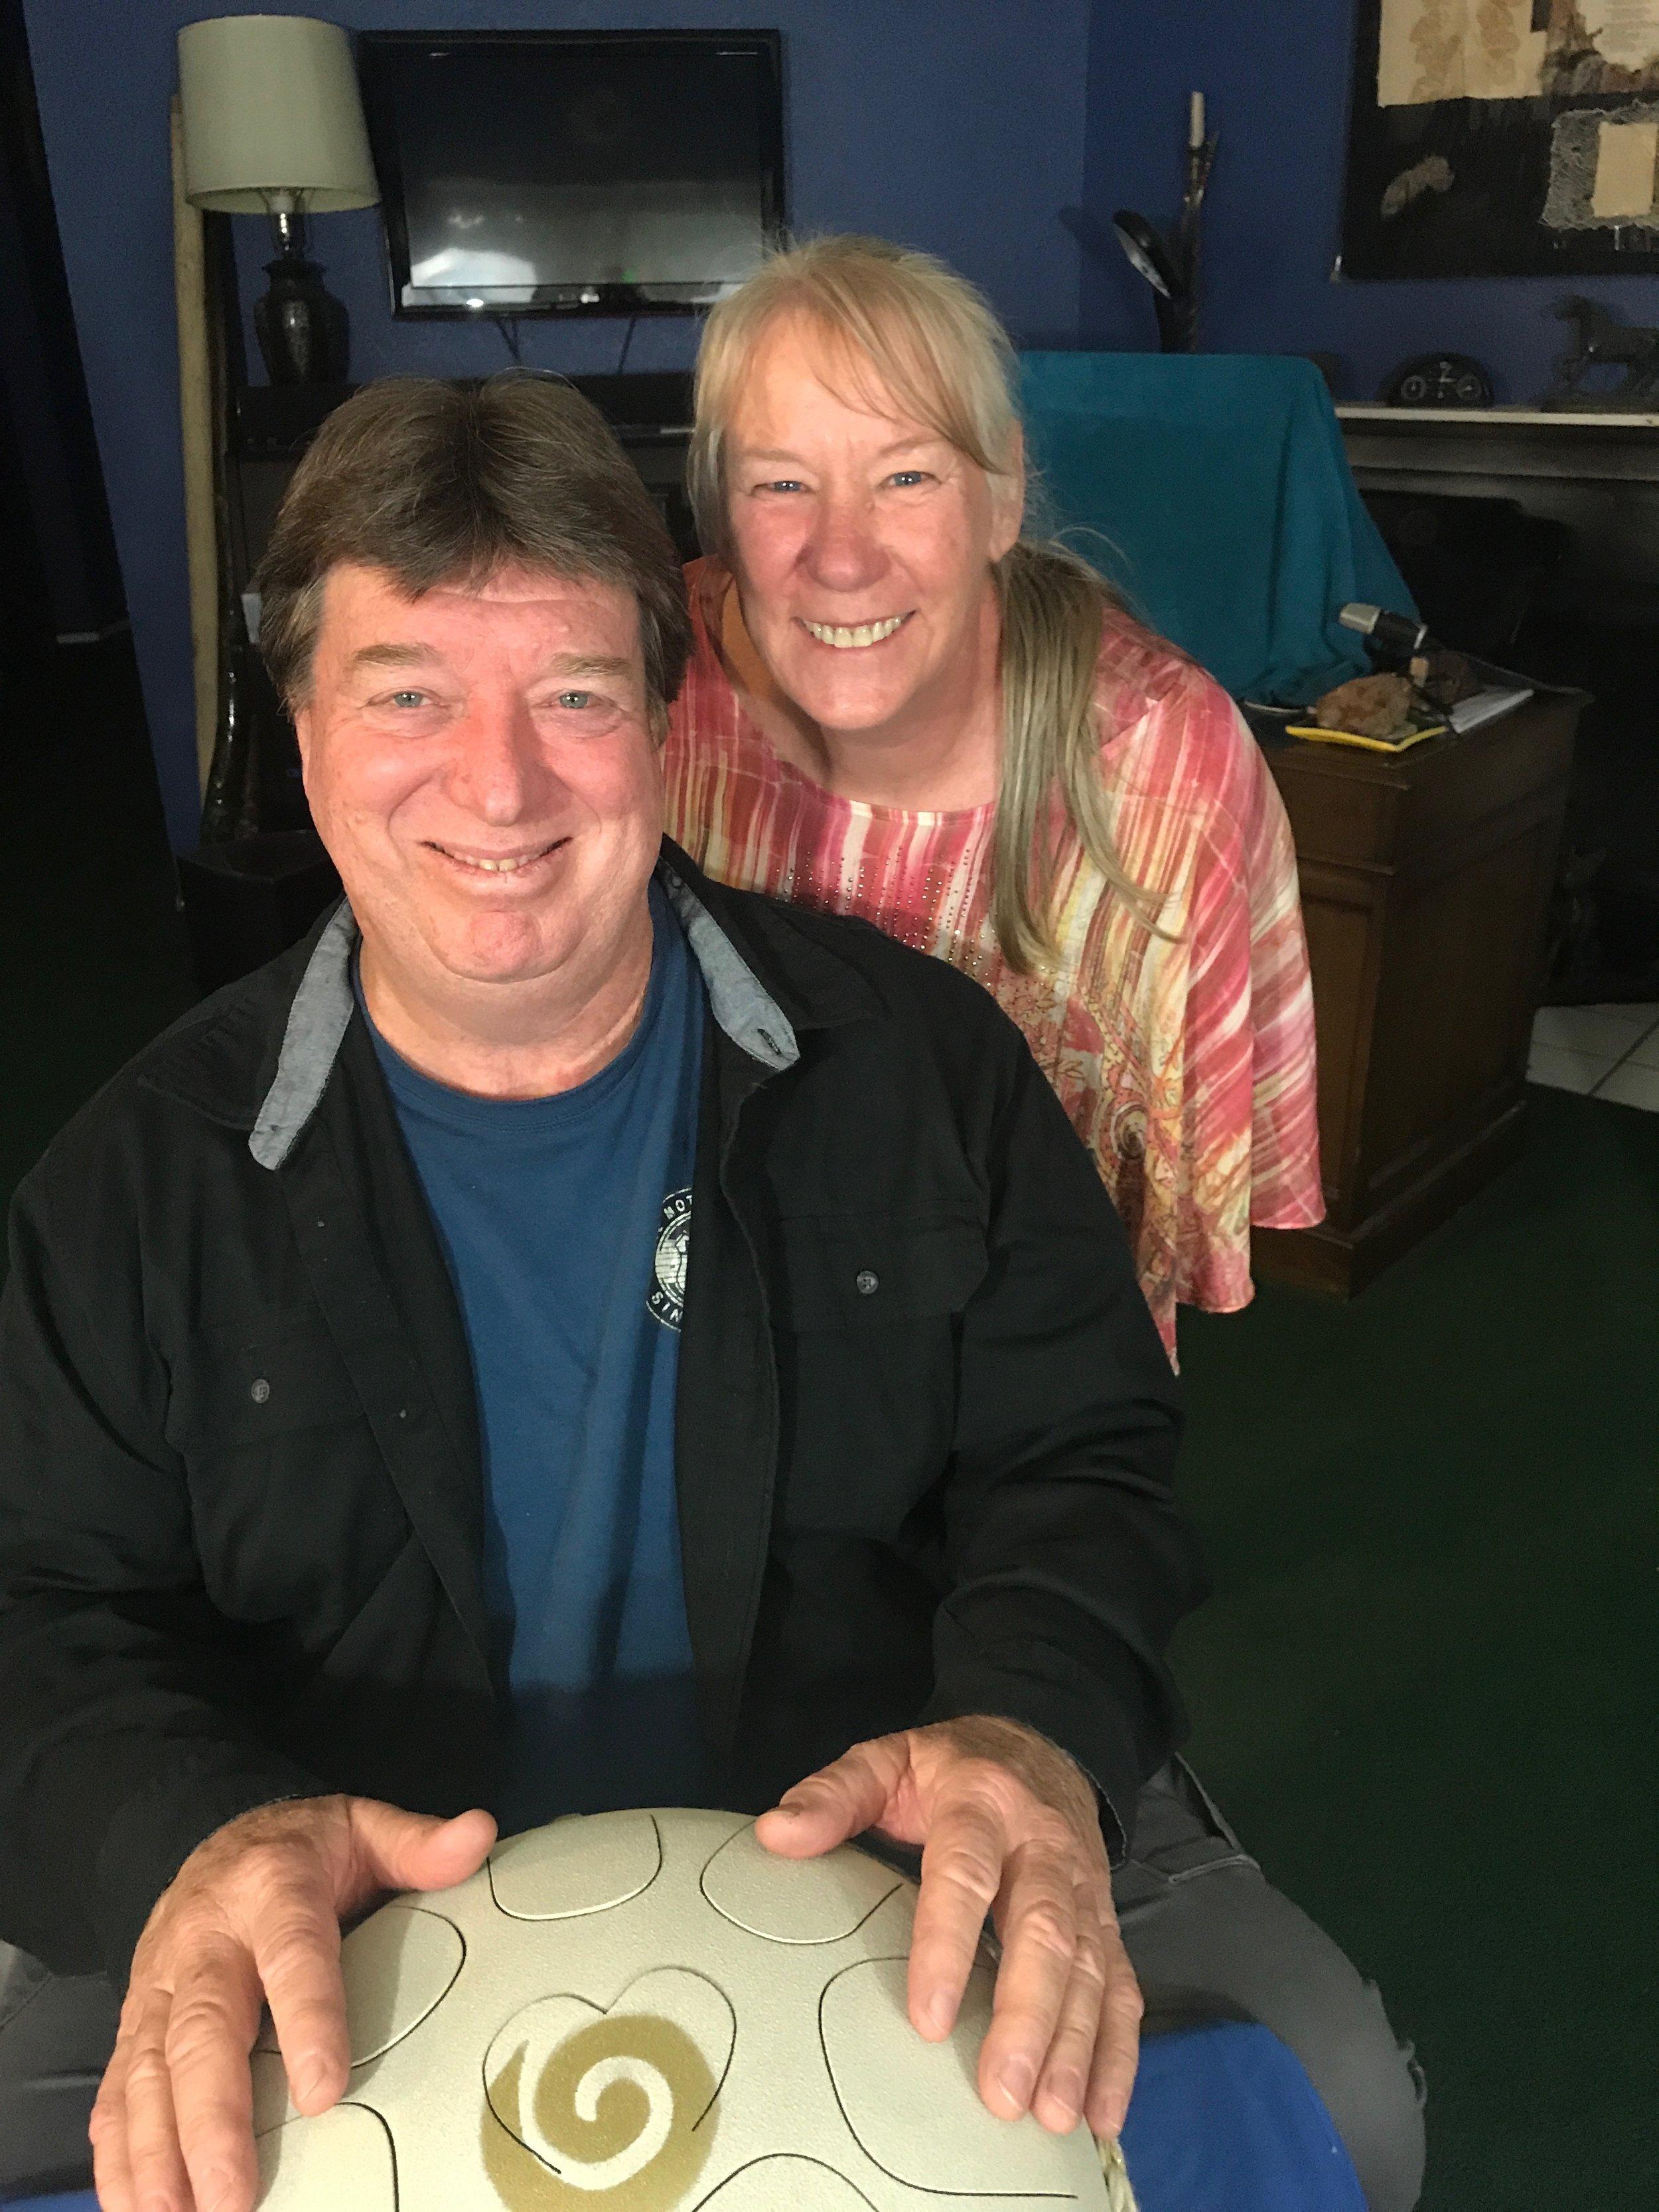 Rick and Linda Dunlap of Visionhawk Music